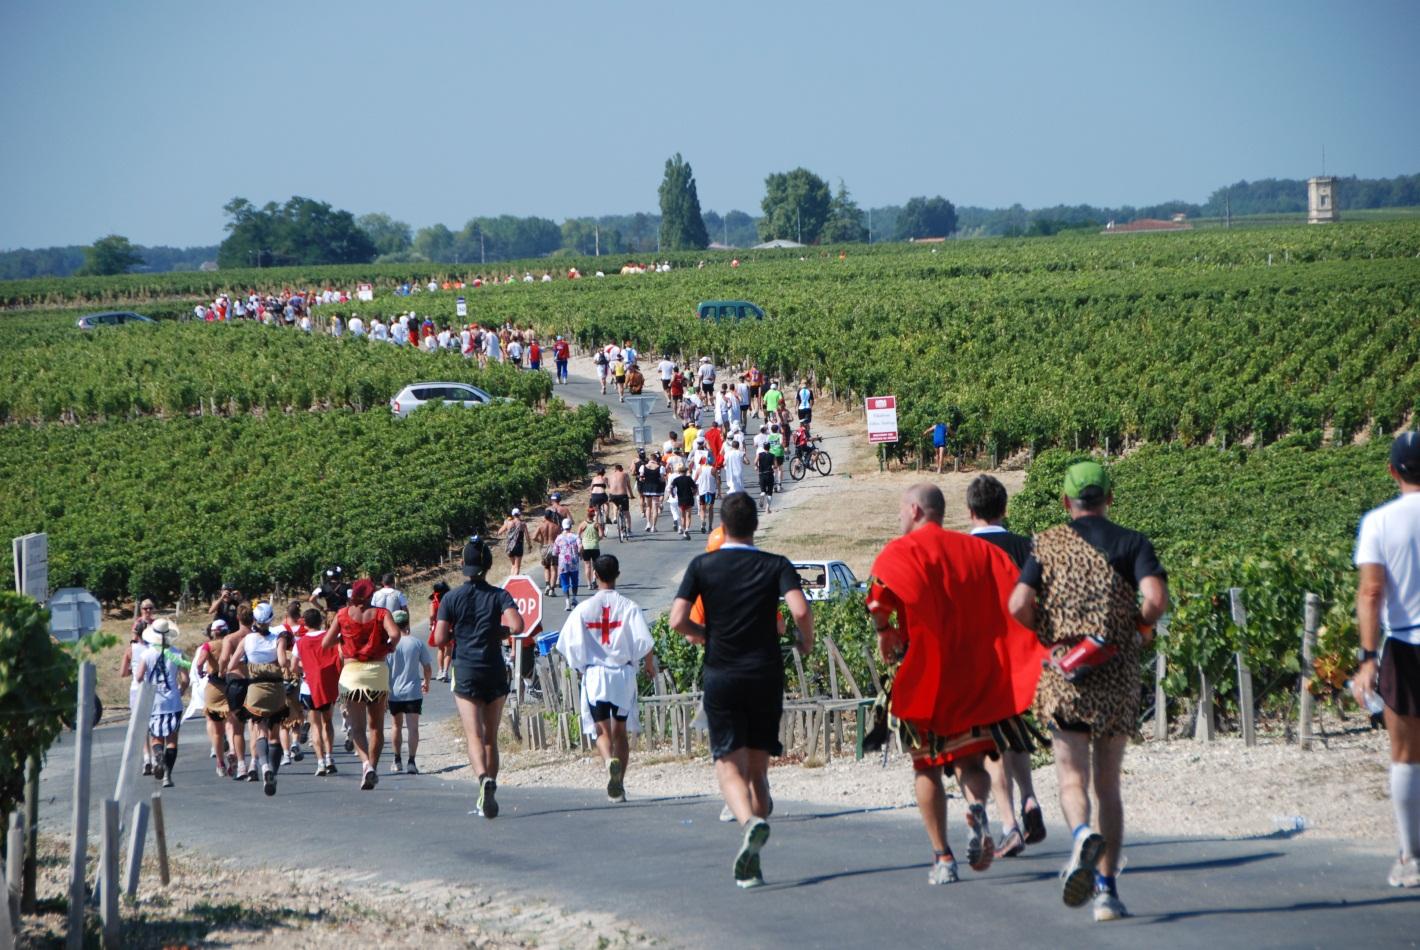 Le Vingt-Huit [28th] Marathon du Medoc – 2012